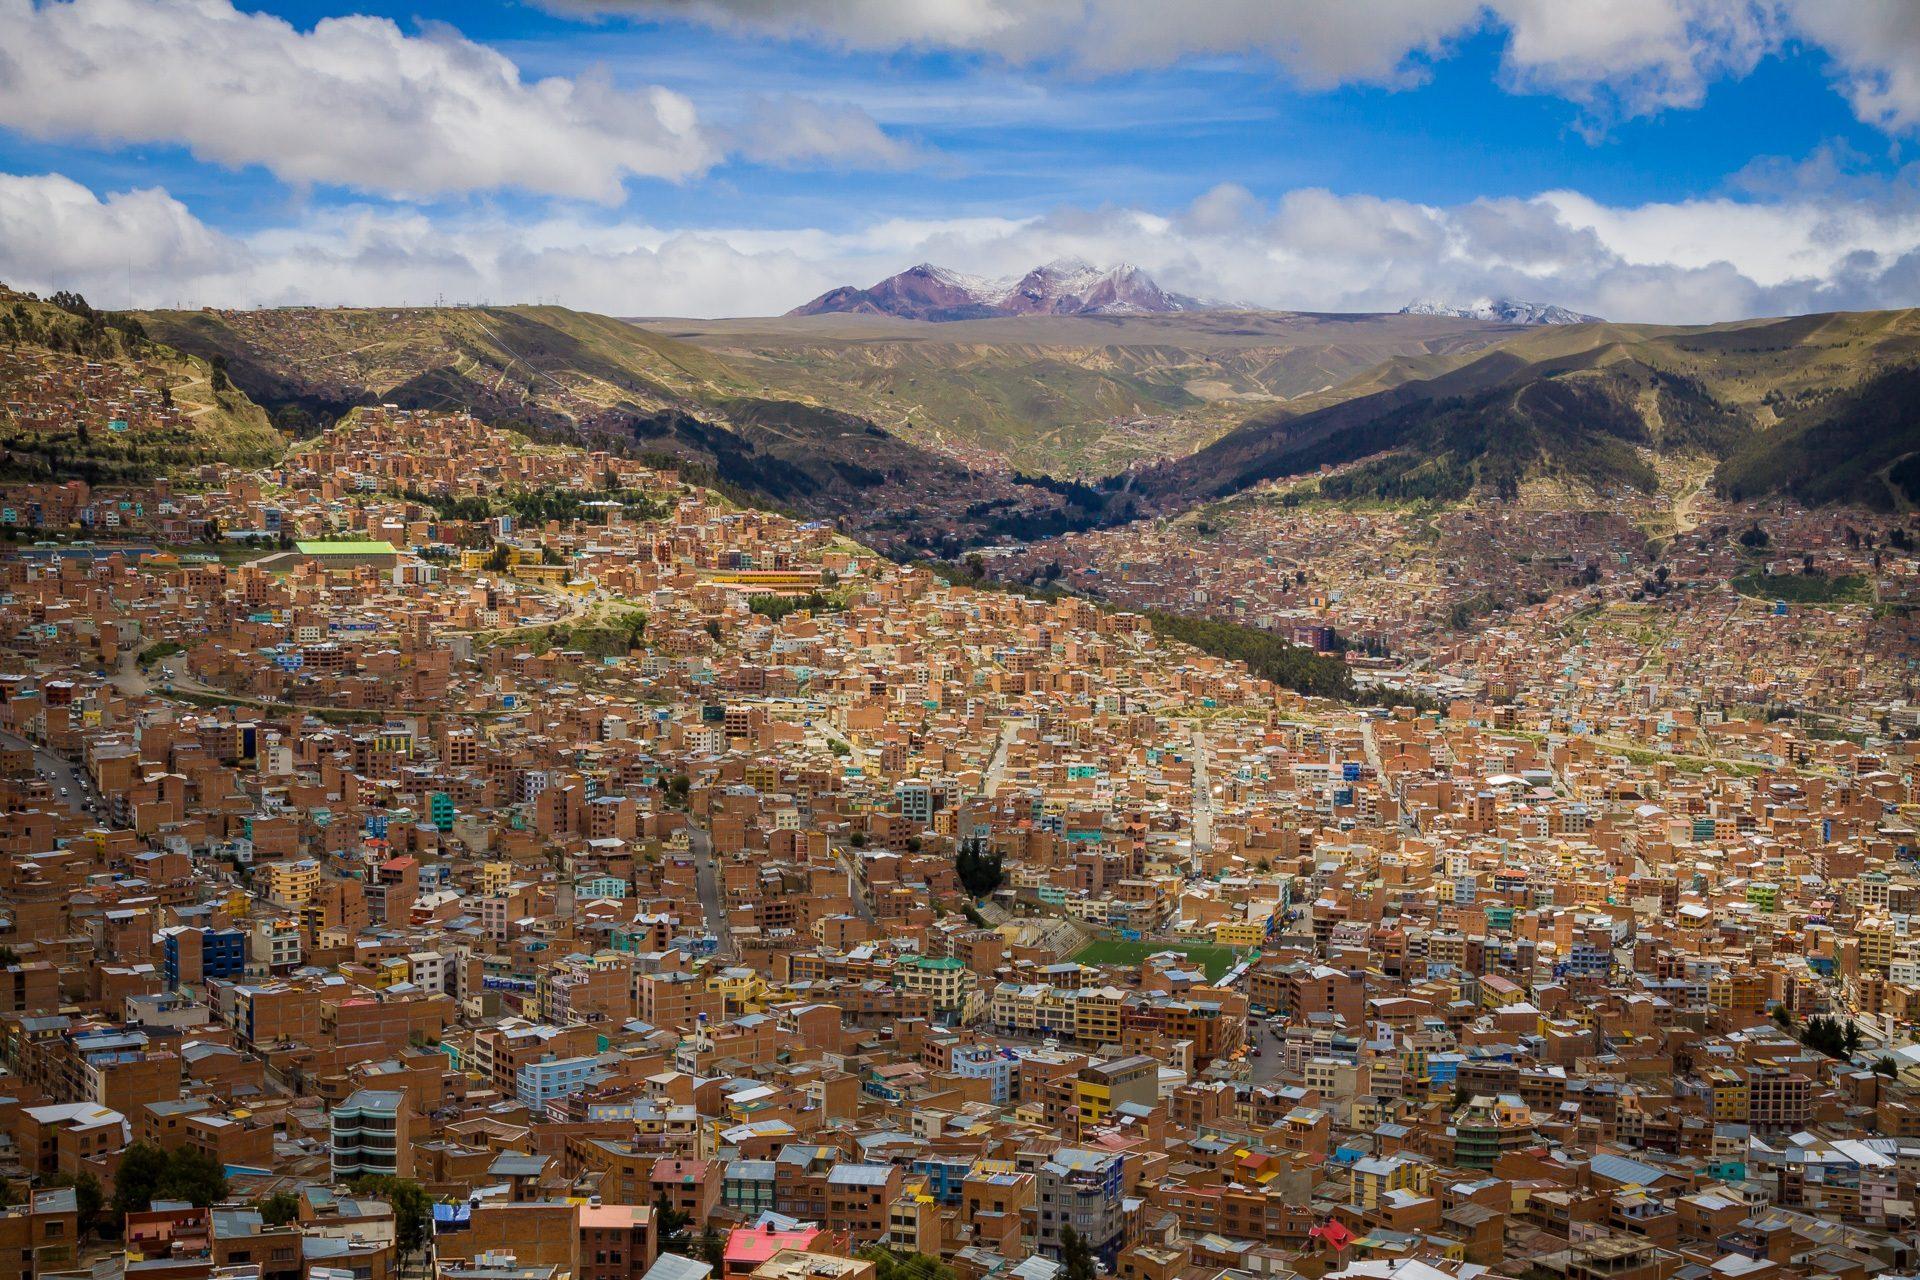 Fondo de pantalla de ciudad casas edificios cantidad for Casas minimalistas la paz bolivia